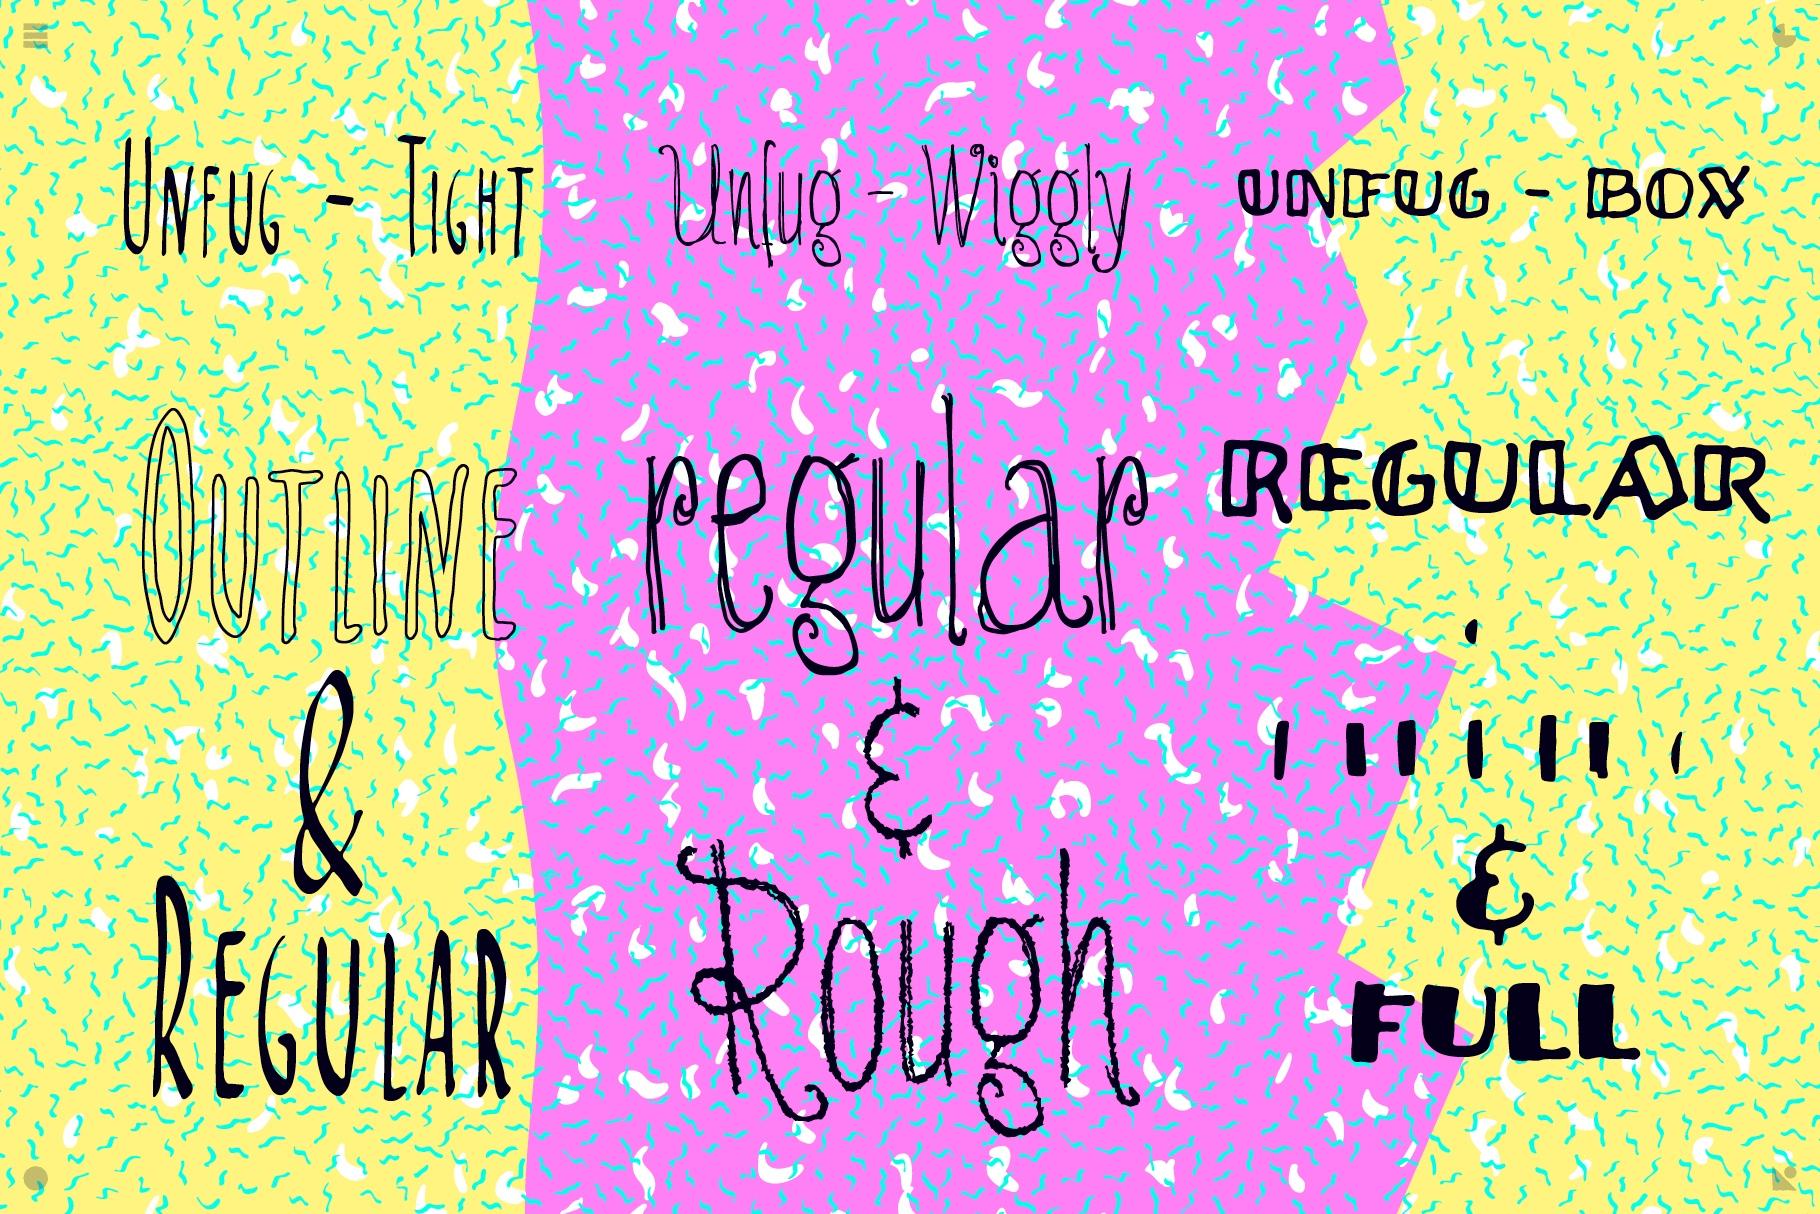 zumEgon_Fonts_Unfug-Collection_03